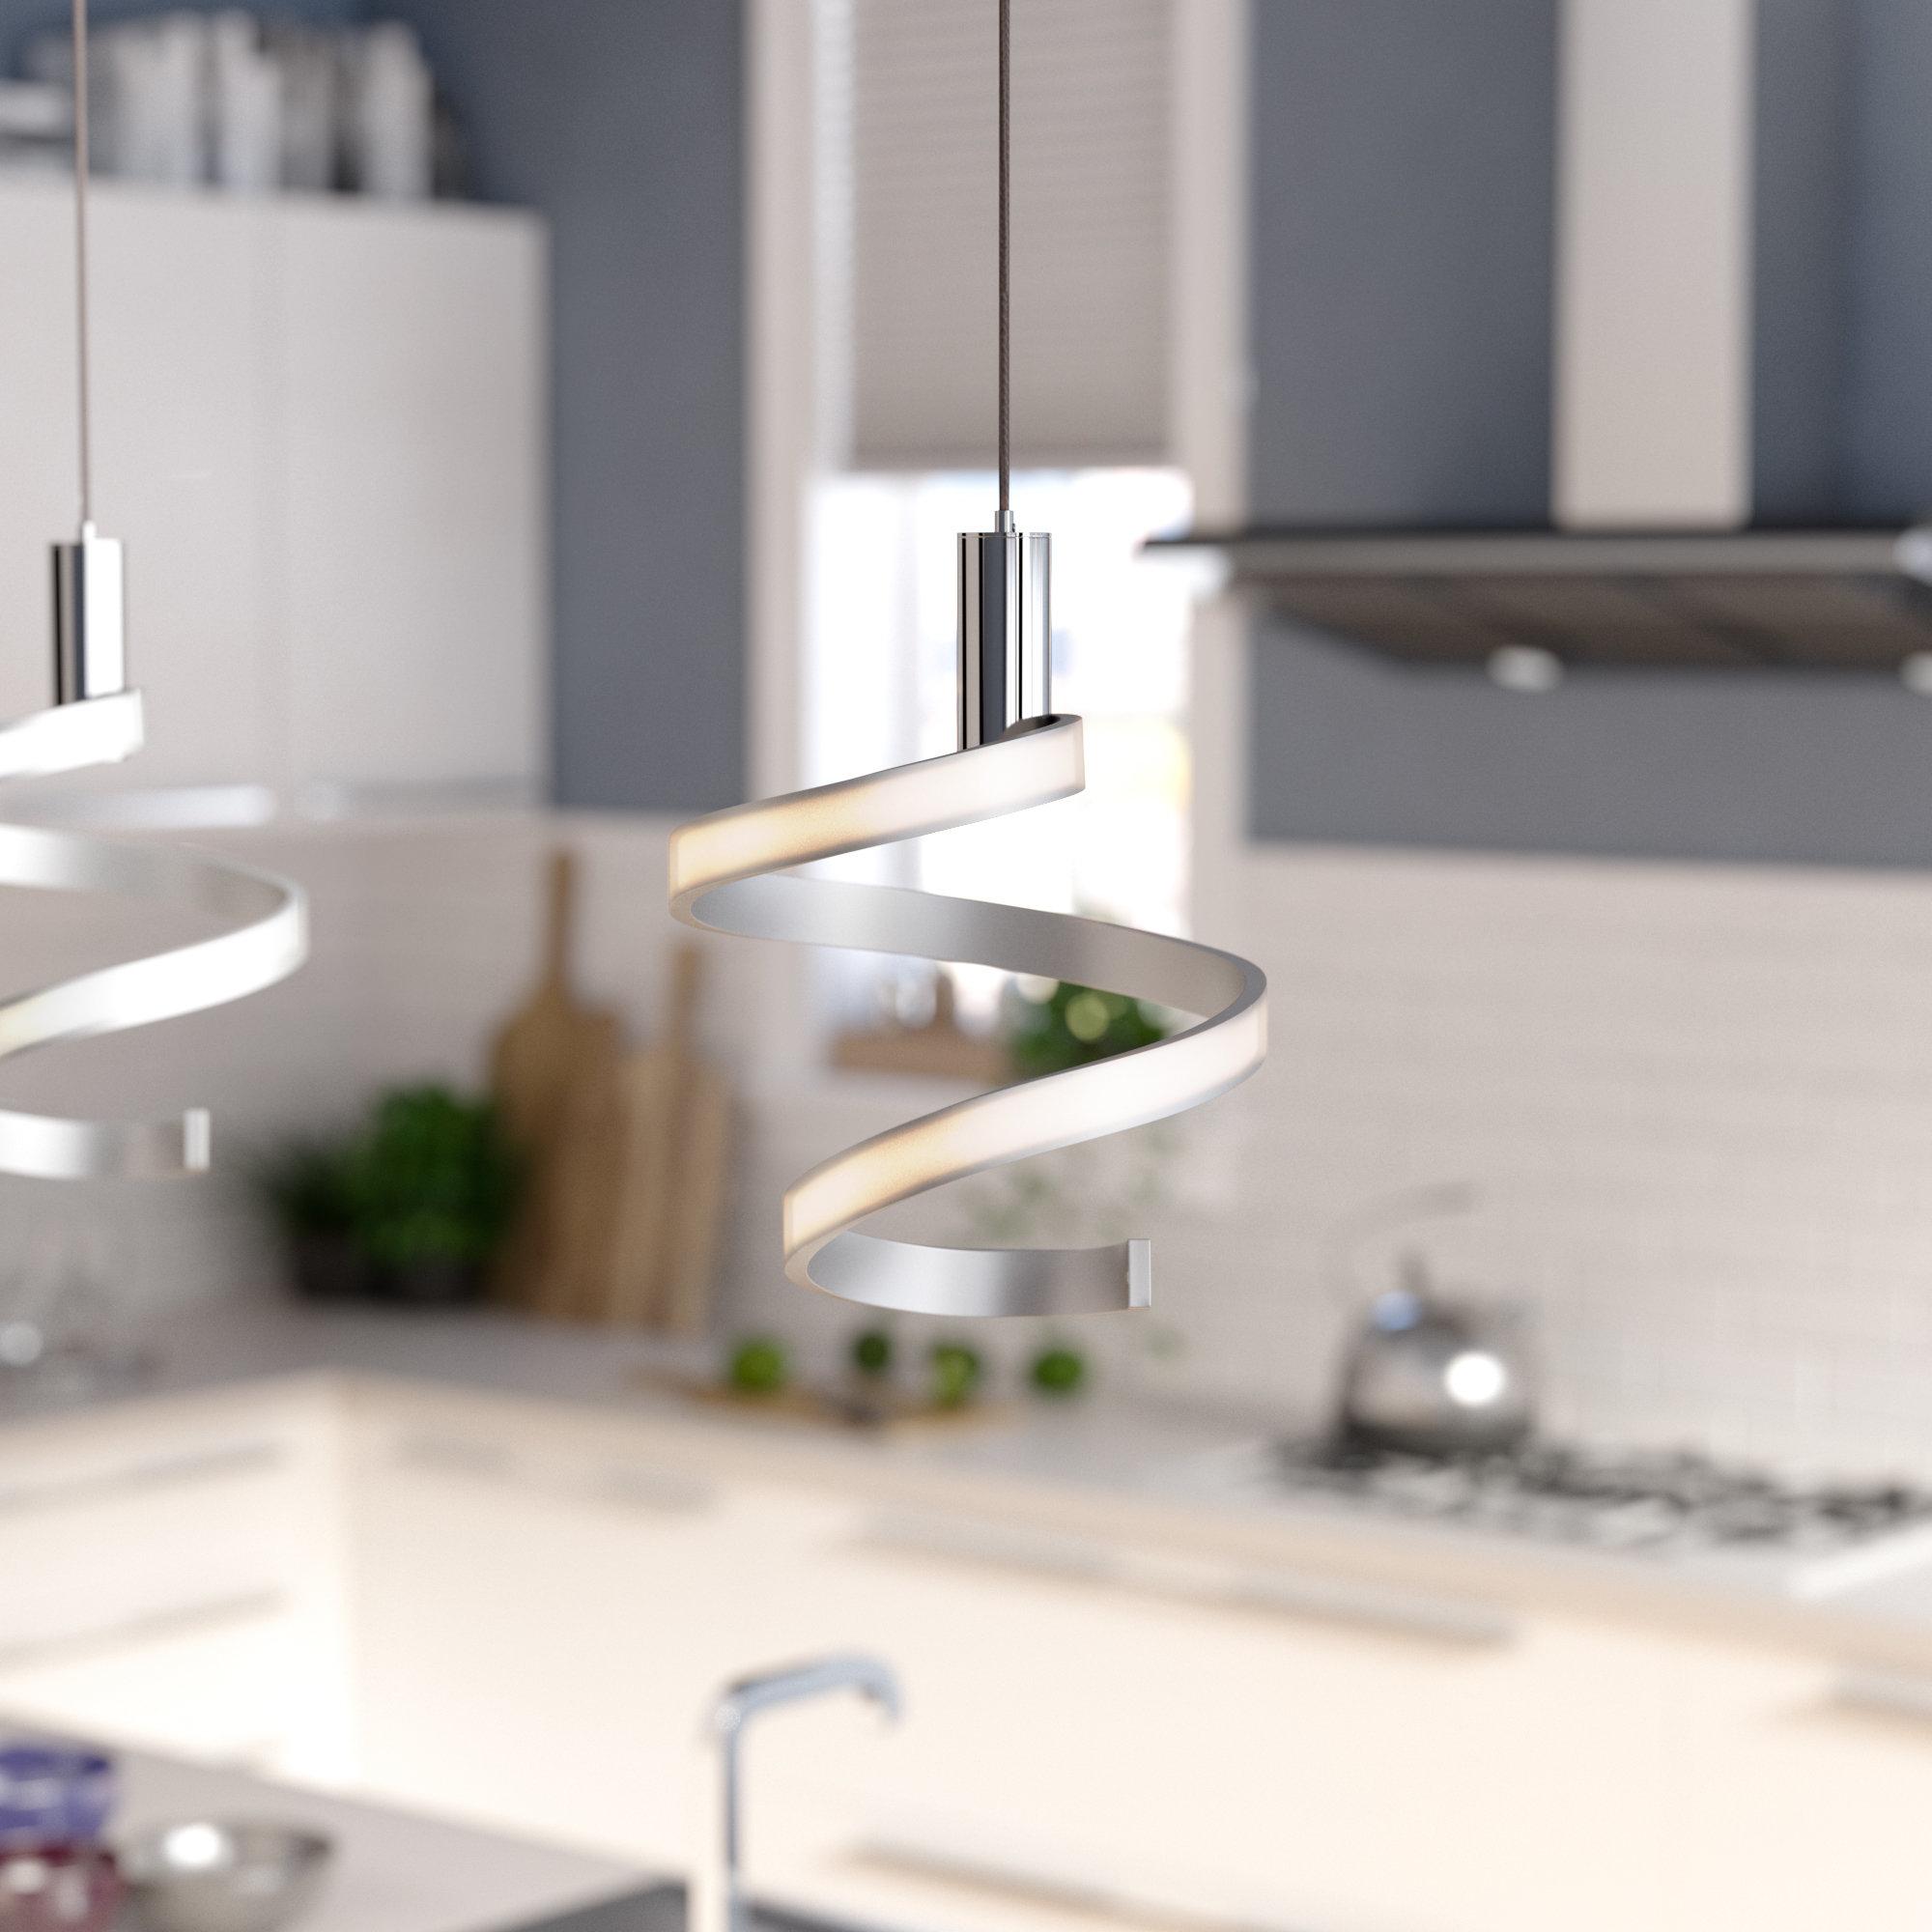 Dormer 1 Light Led Novelty Pendant Intended For Callington 1 Light Led Single Geometric Pendants (View 14 of 30)